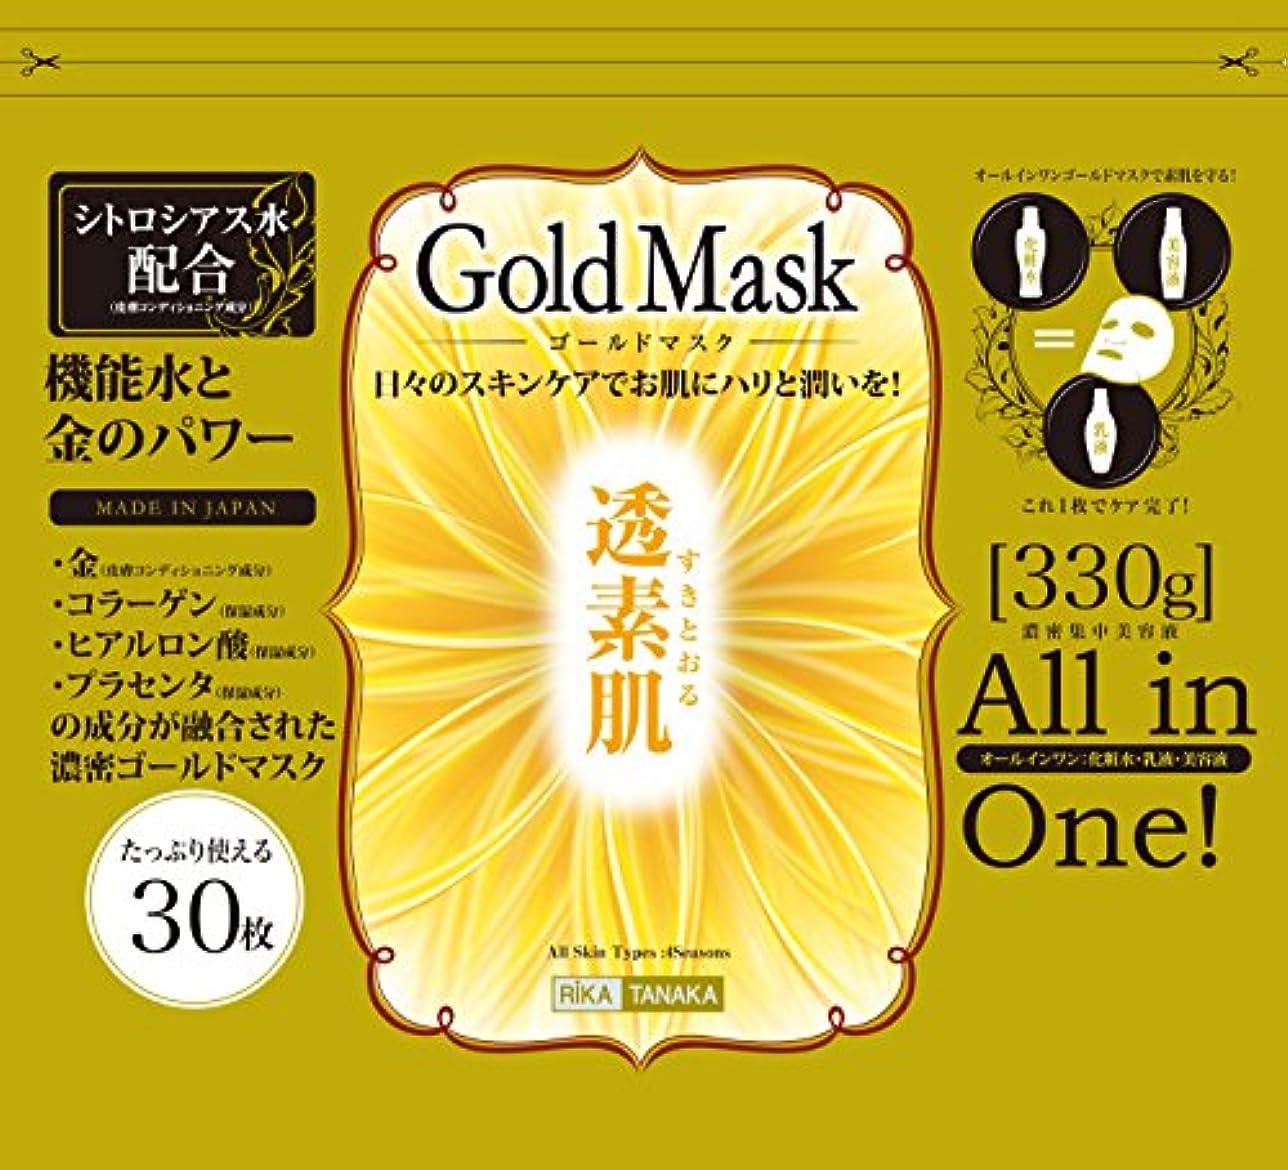 アトラス情緒的タイピスト金箔入りフェイスマスク 透素肌ゴールドマスク